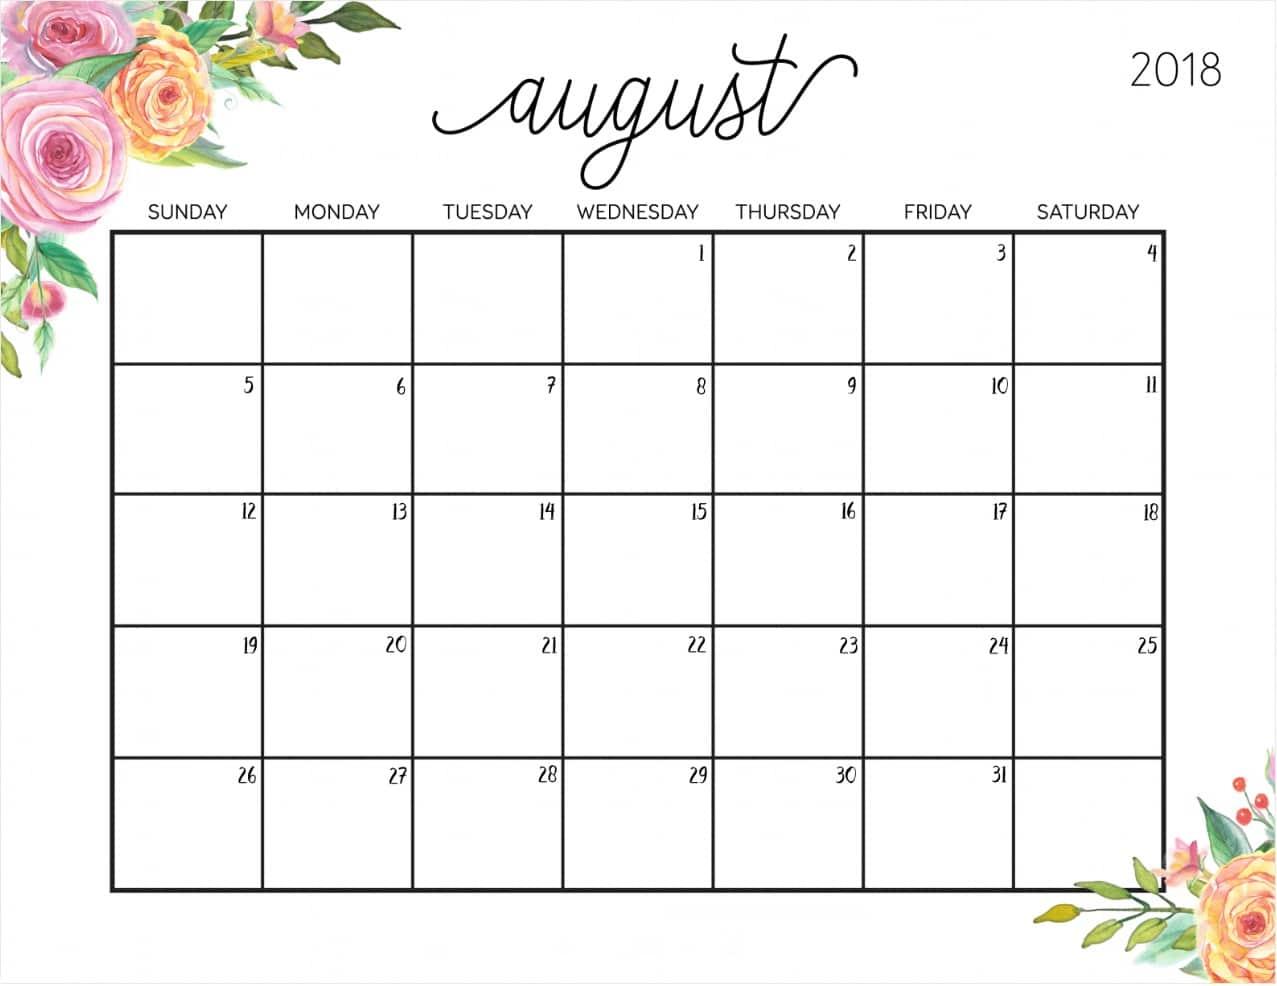 2018 August Calendar